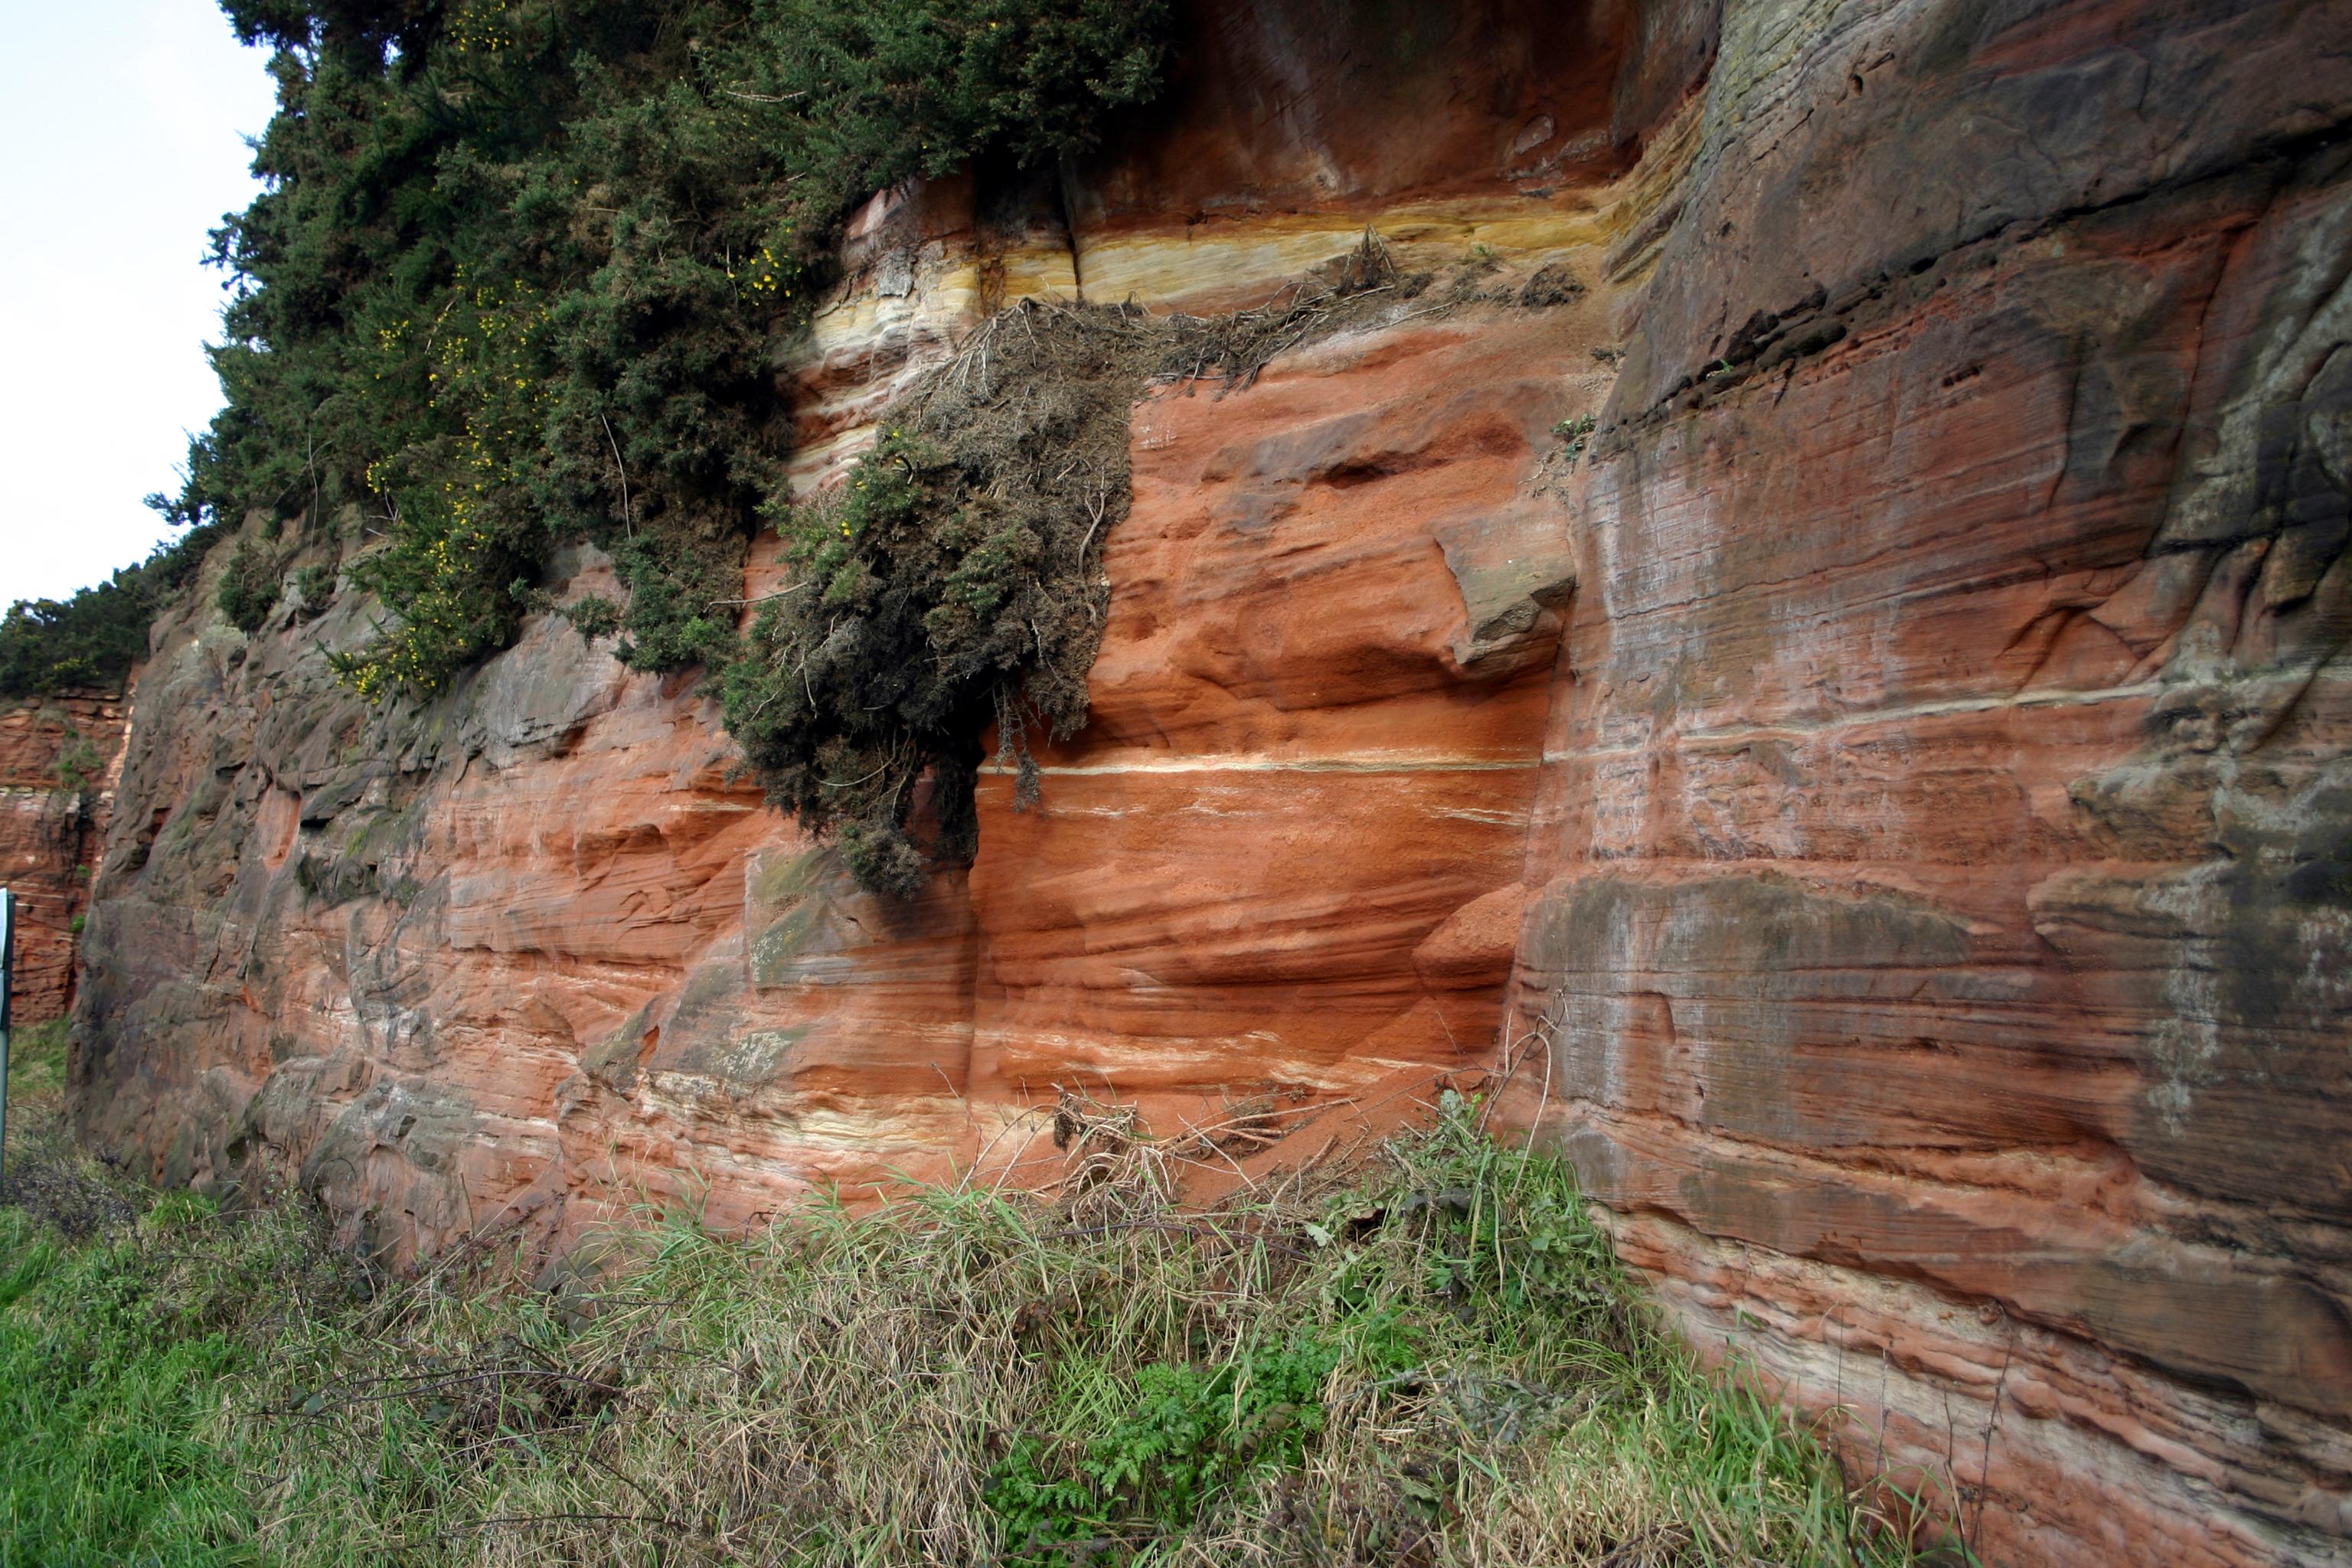 Estratos de arenisca del límite Pérmico-Triásico fotografiados en Runcorn Hill, Reino Unido.